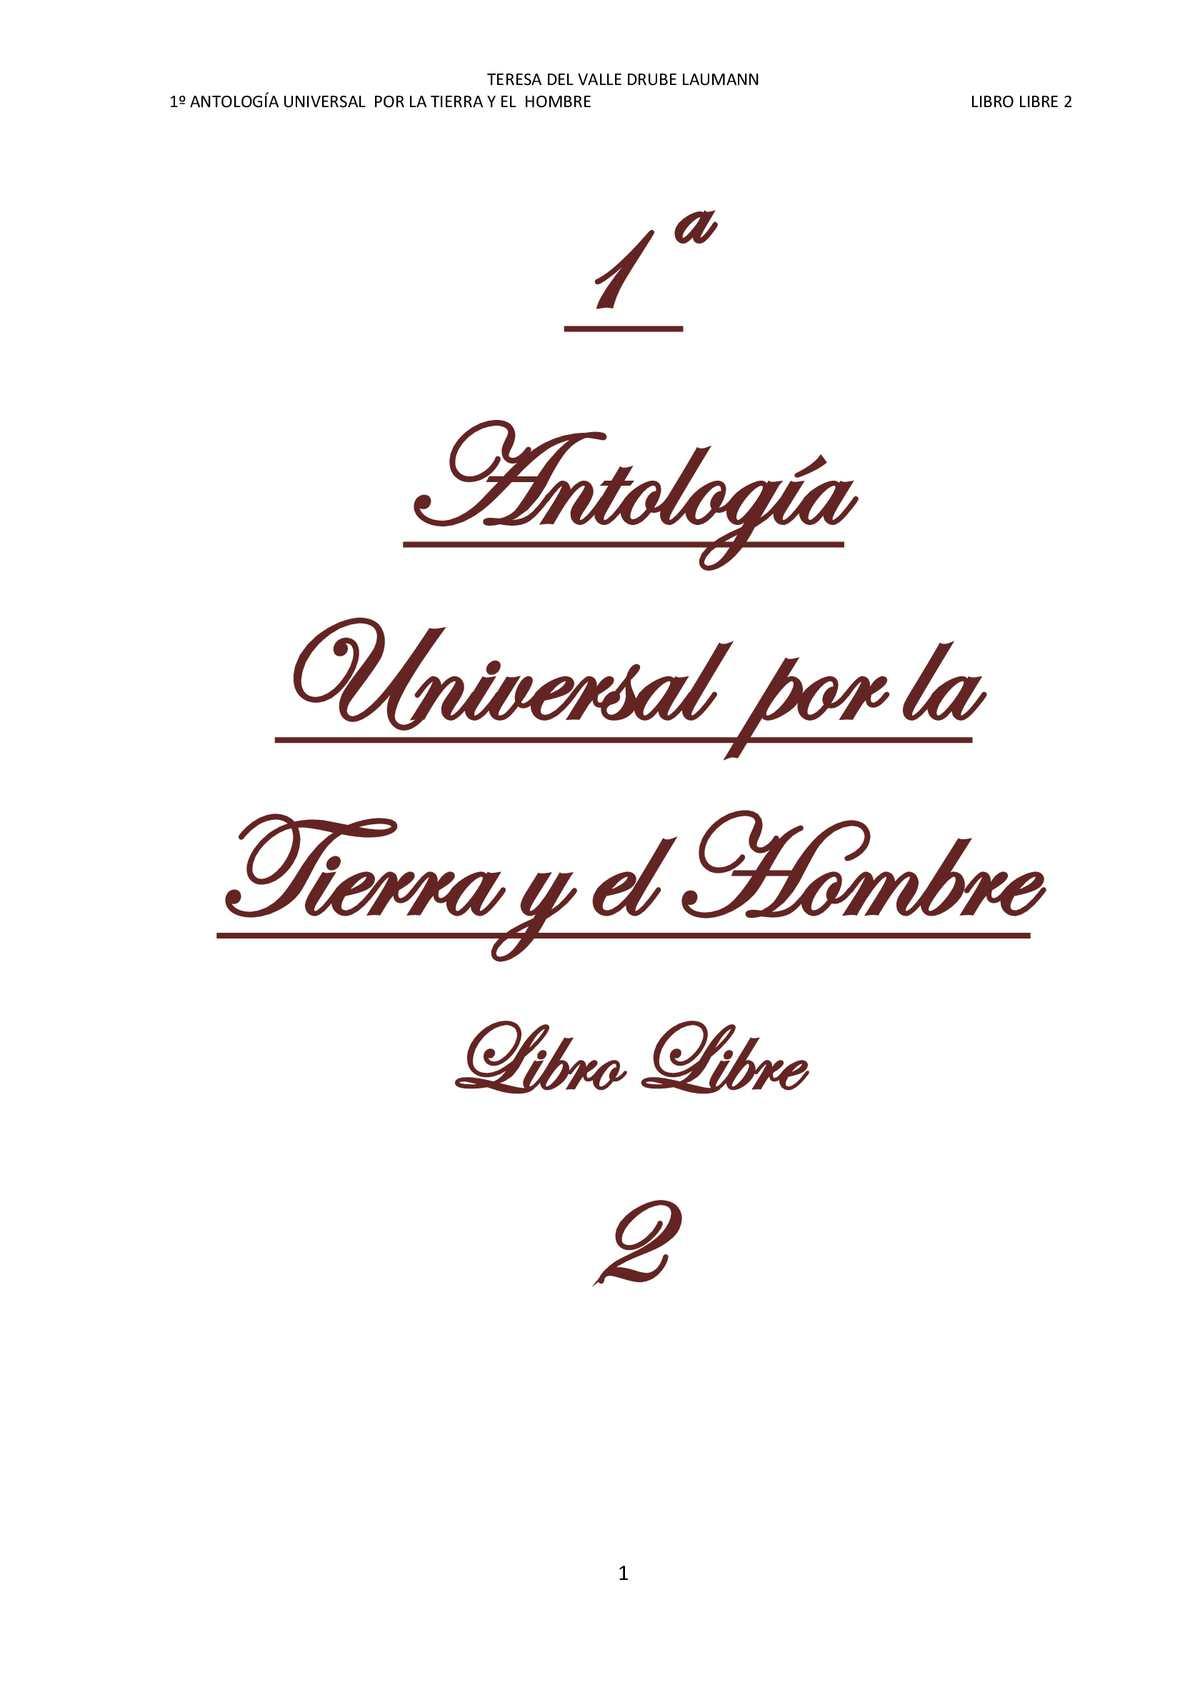 Calaméo - 1a Antologia Universal por la tierra y el hombre Libro 2